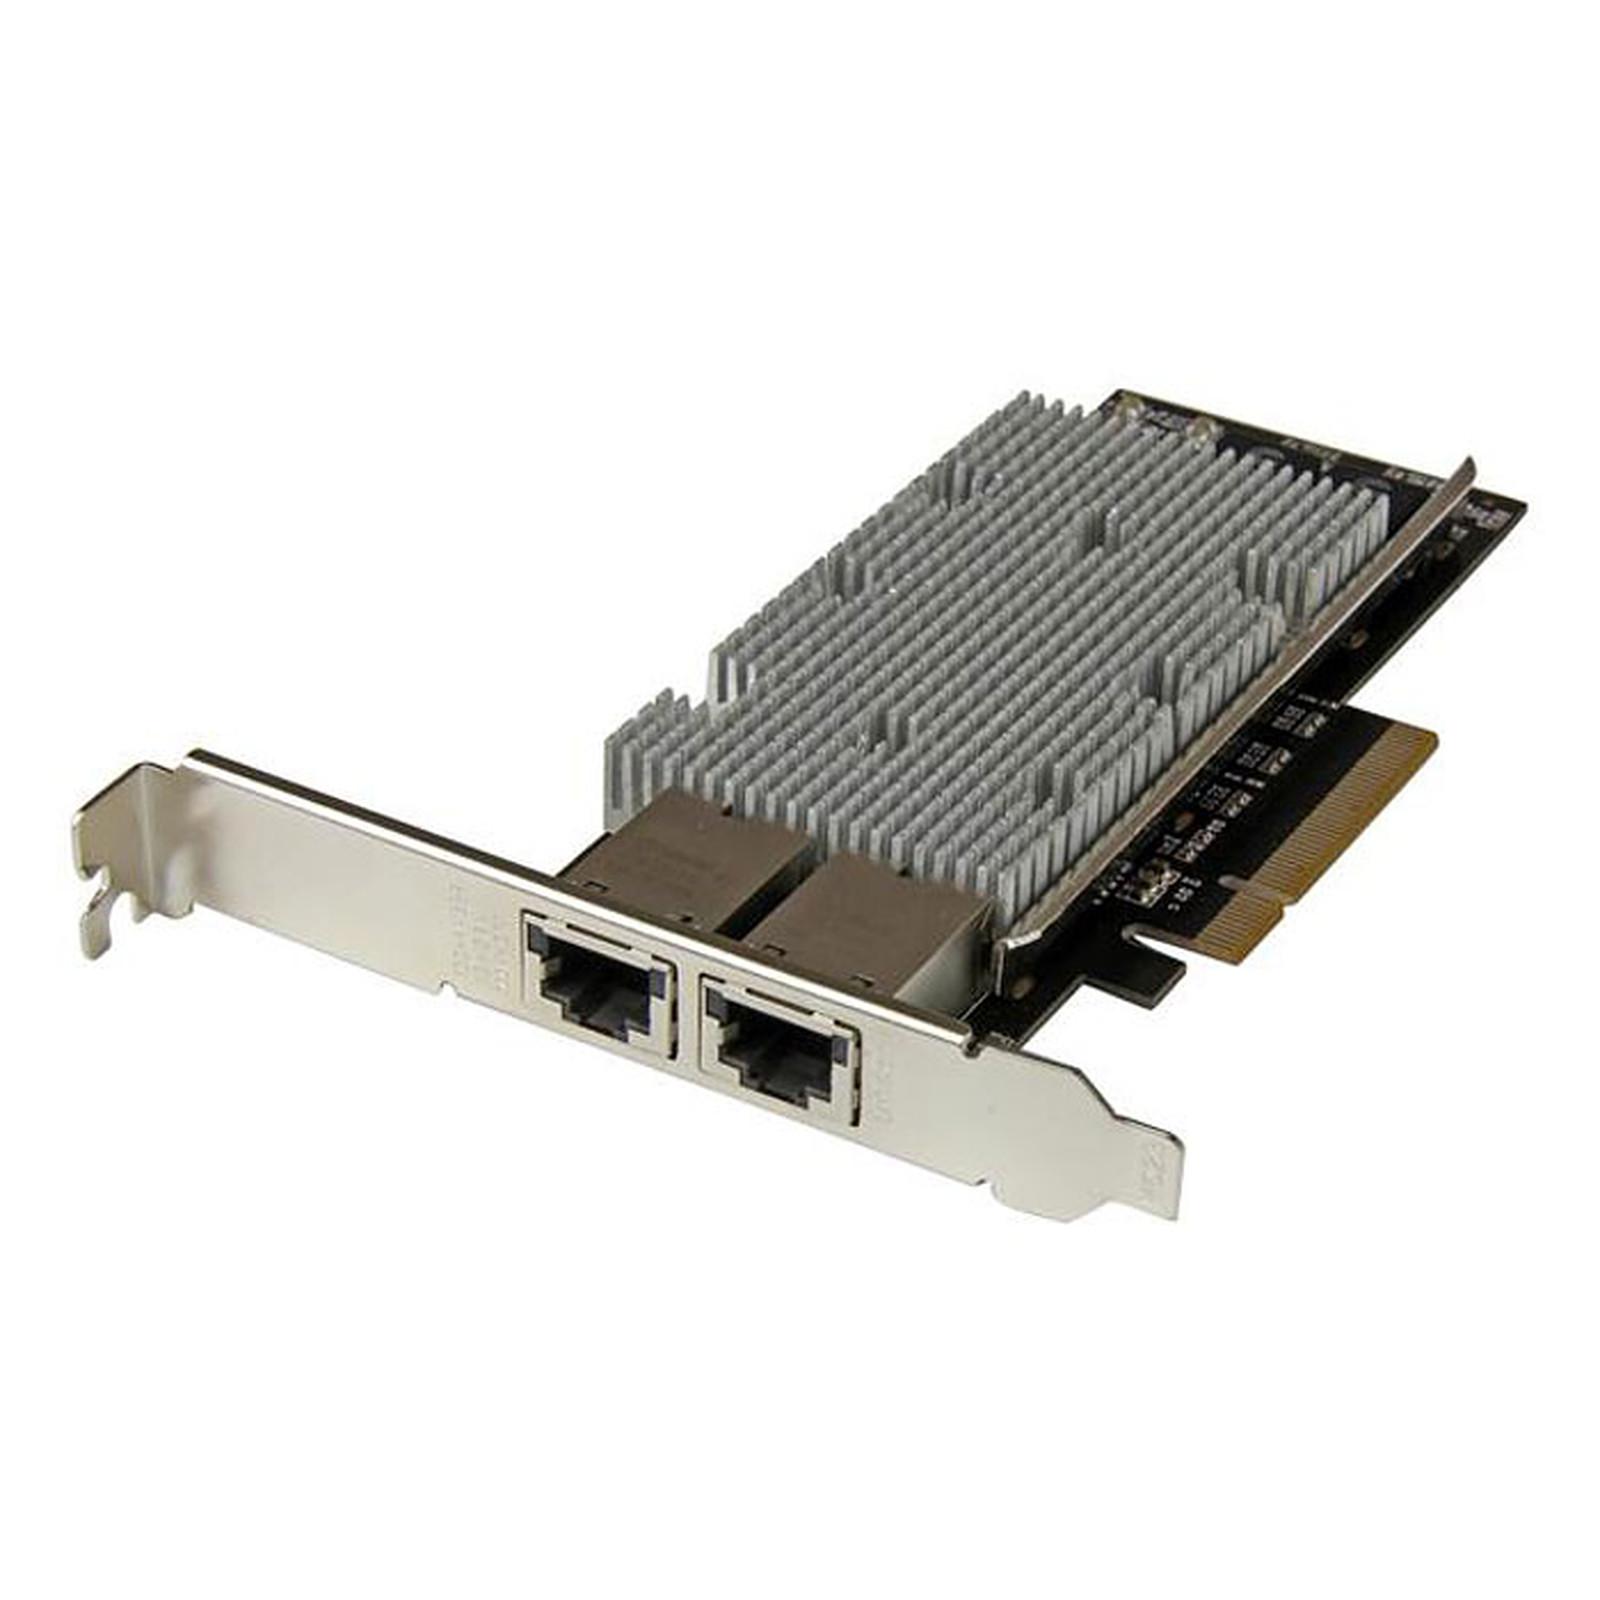 StarTech.com ST20000SPEXI